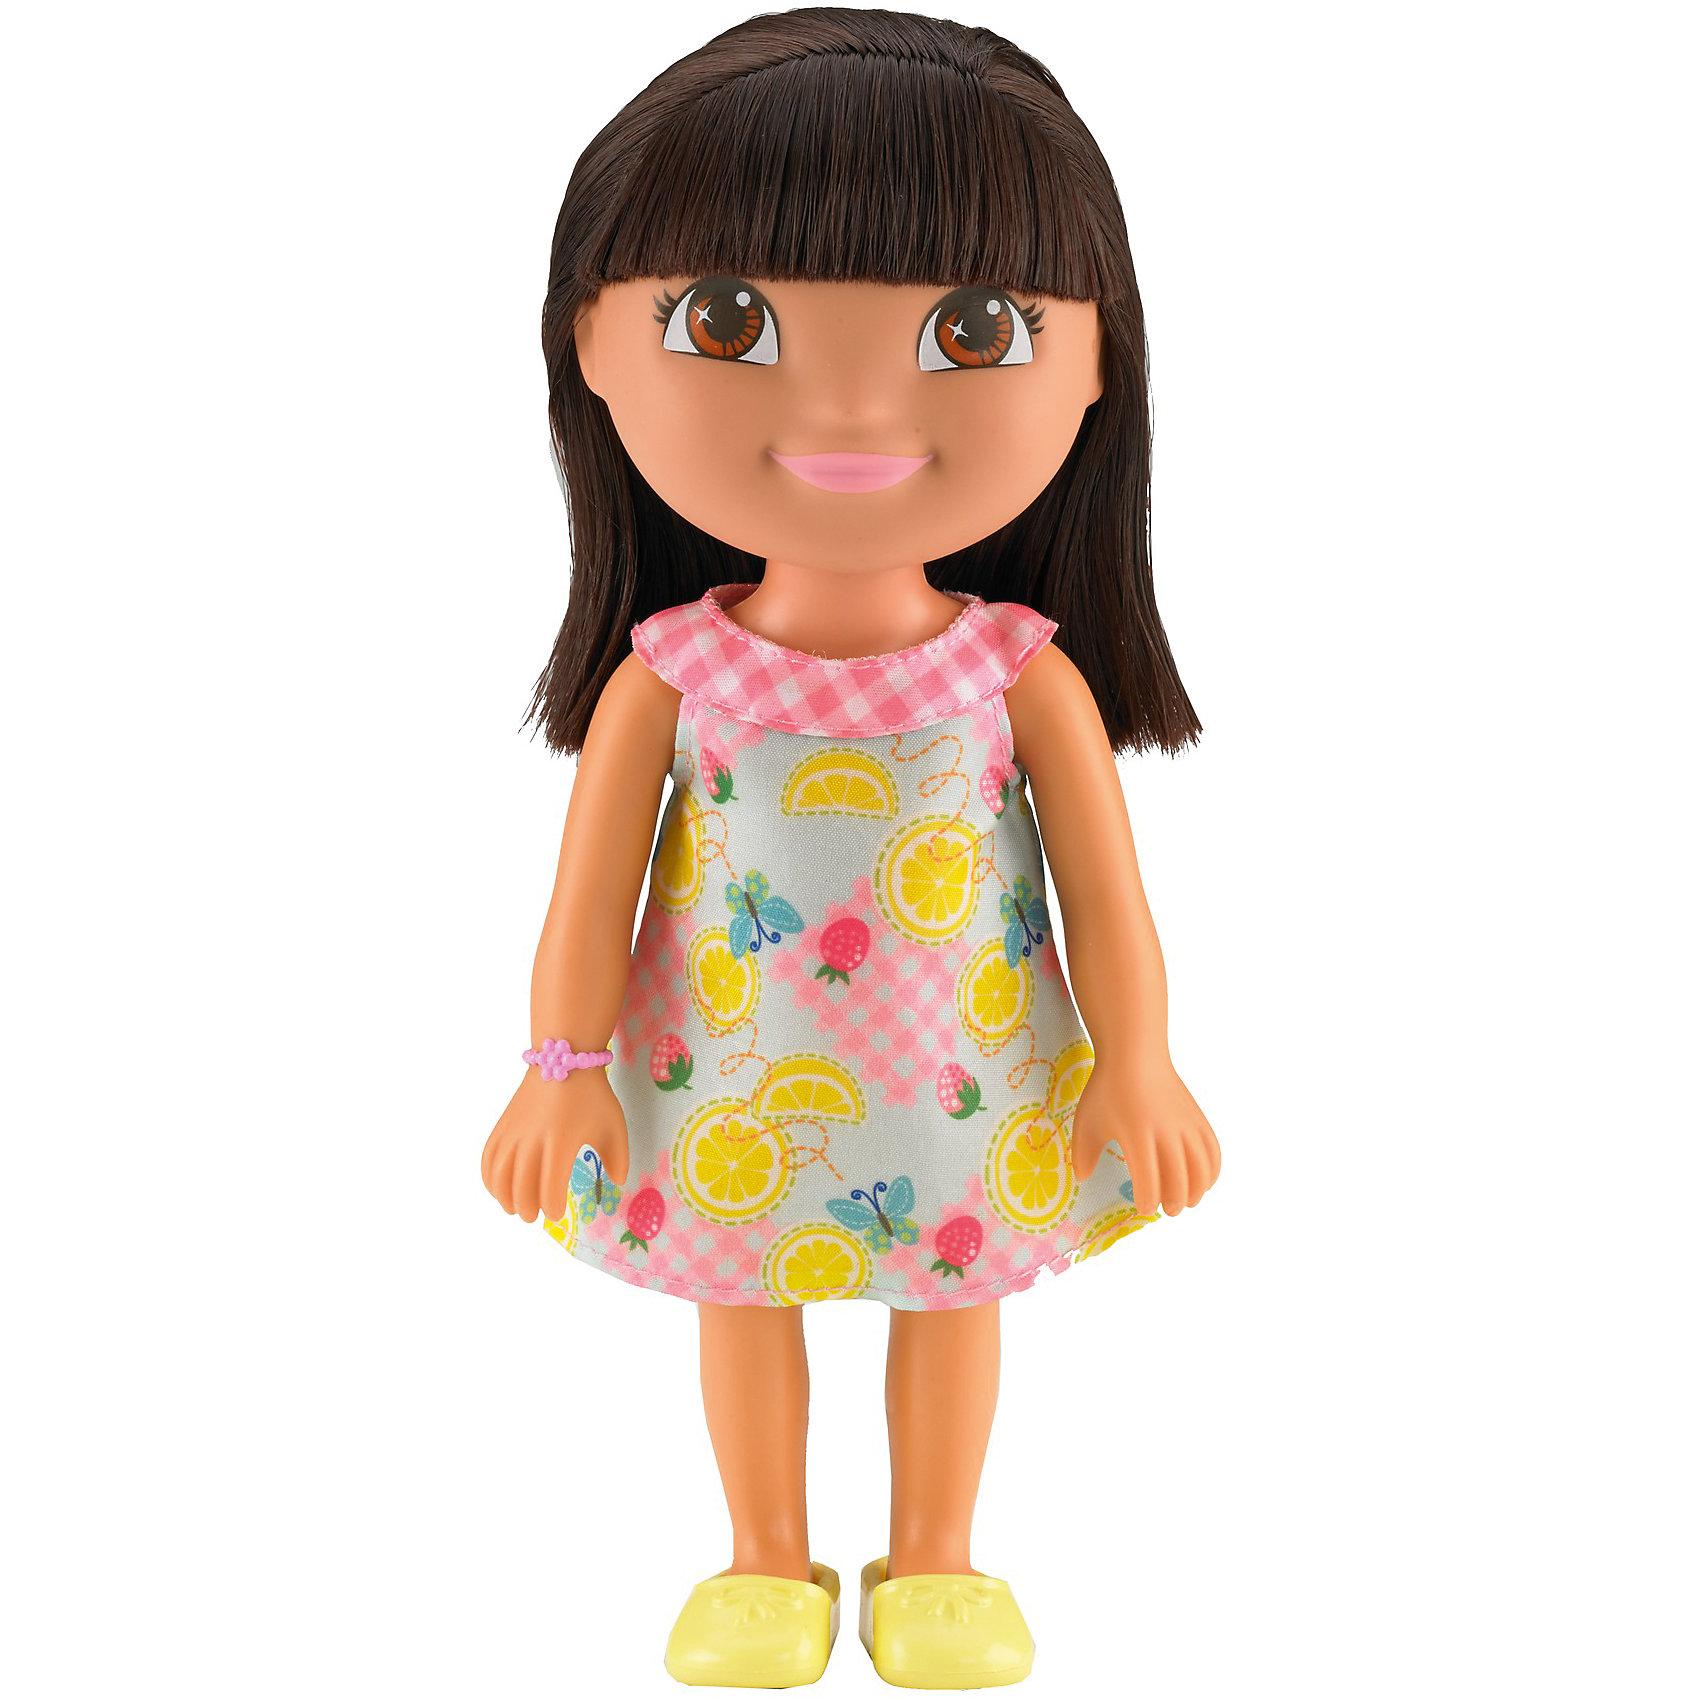 Кукла Даша-путешественница из серии Приключения каждый день, Fisher PriceКлассические куклы<br>Характеристики товара:<br><br>• возраст от 3 лет;<br>• материал: пластик, текстиль;<br>• высота куклы 22 см;<br>• размер упаковки 23х12,5х9 см;<br>• вес упаковки 238 гр.;<br>• страна производитель: Китай.<br><br>Кукла Даша-путешественница «Приключения каждый день» Fisher Price — героиня известного мультсериала про улыбчивую и любопытную Дашу, которая любит путешествовать и постоянно что-то исследовать и узнавать. Кукла одета в платье с фруктовым принтом, желтые туфельки, а на руке ее любимый браслет. У Даши большие глаза и мягкие темные волосы, которые можно расчесывать, заплетать и украшать. Во время увлекательной игры с куклой девочка может придумывать свои истории и сюжеты.<br><br>Куклу Дашу-путешественницу «Приключения каждый день» Fisher Price можно приобрести в нашем интернет-магазине.<br><br>Ширина мм: 125<br>Глубина мм: 90<br>Высота мм: 230<br>Вес г: 238<br>Возраст от месяцев: 36<br>Возраст до месяцев: 120<br>Пол: Женский<br>Возраст: Детский<br>SKU: 6673382